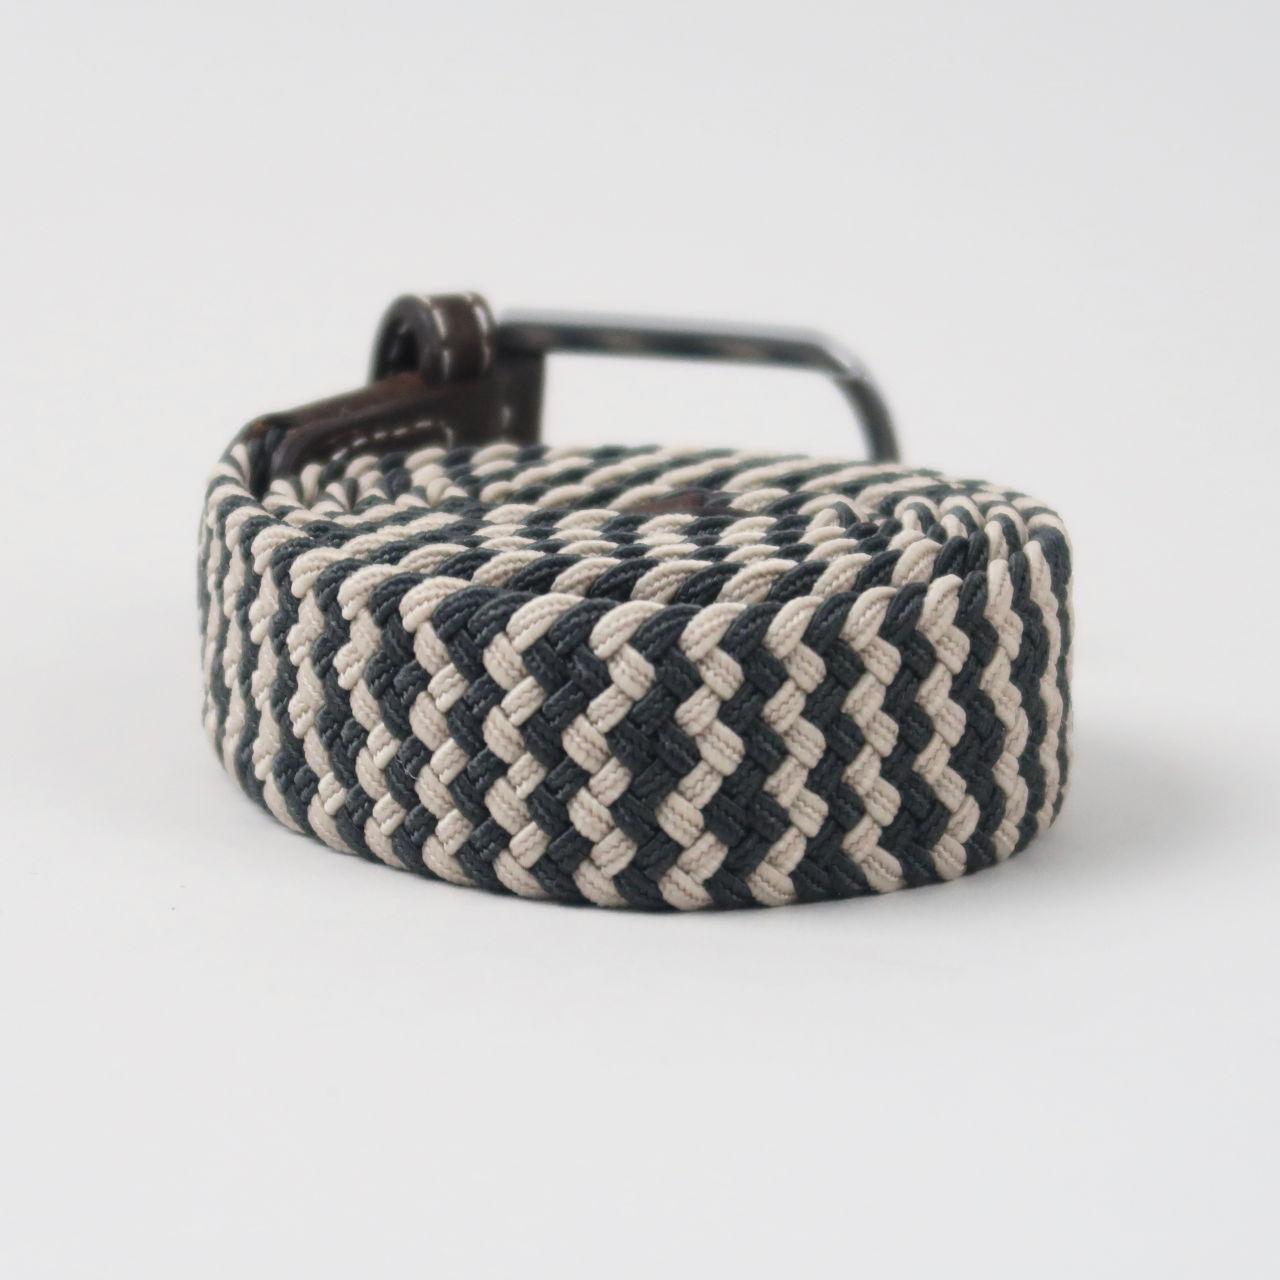 https://silverpear.co.uk/product/men/belts-for-men/billybelt-multi-braided-belt-the-panama/